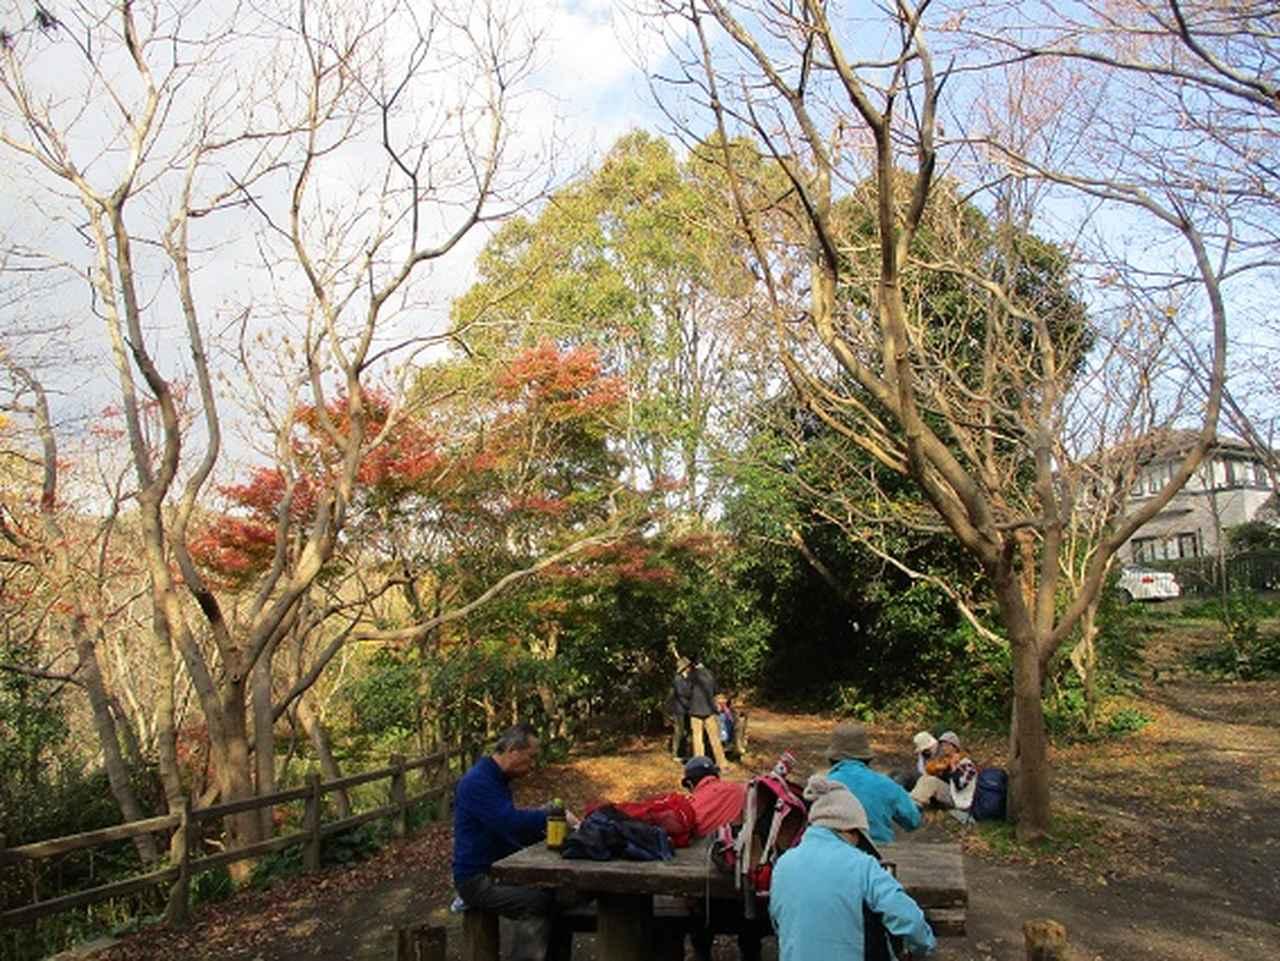 画像11: このツアーは 「鎌倉から三浦半島を歩こう(全15回)」 の3回目のツアーです